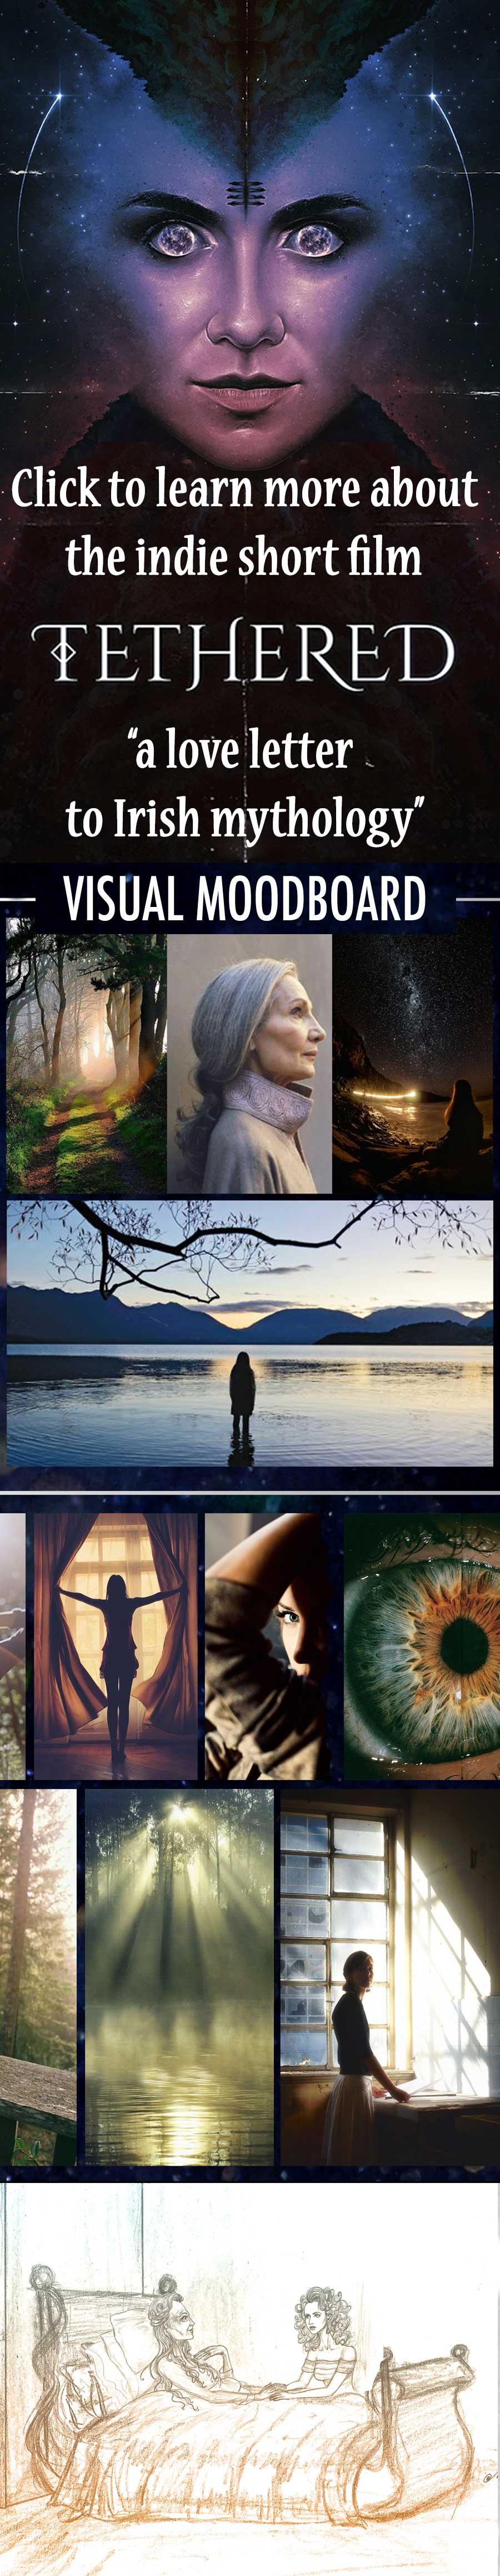 Irish Mythology film - Tethered (folklore and magic)